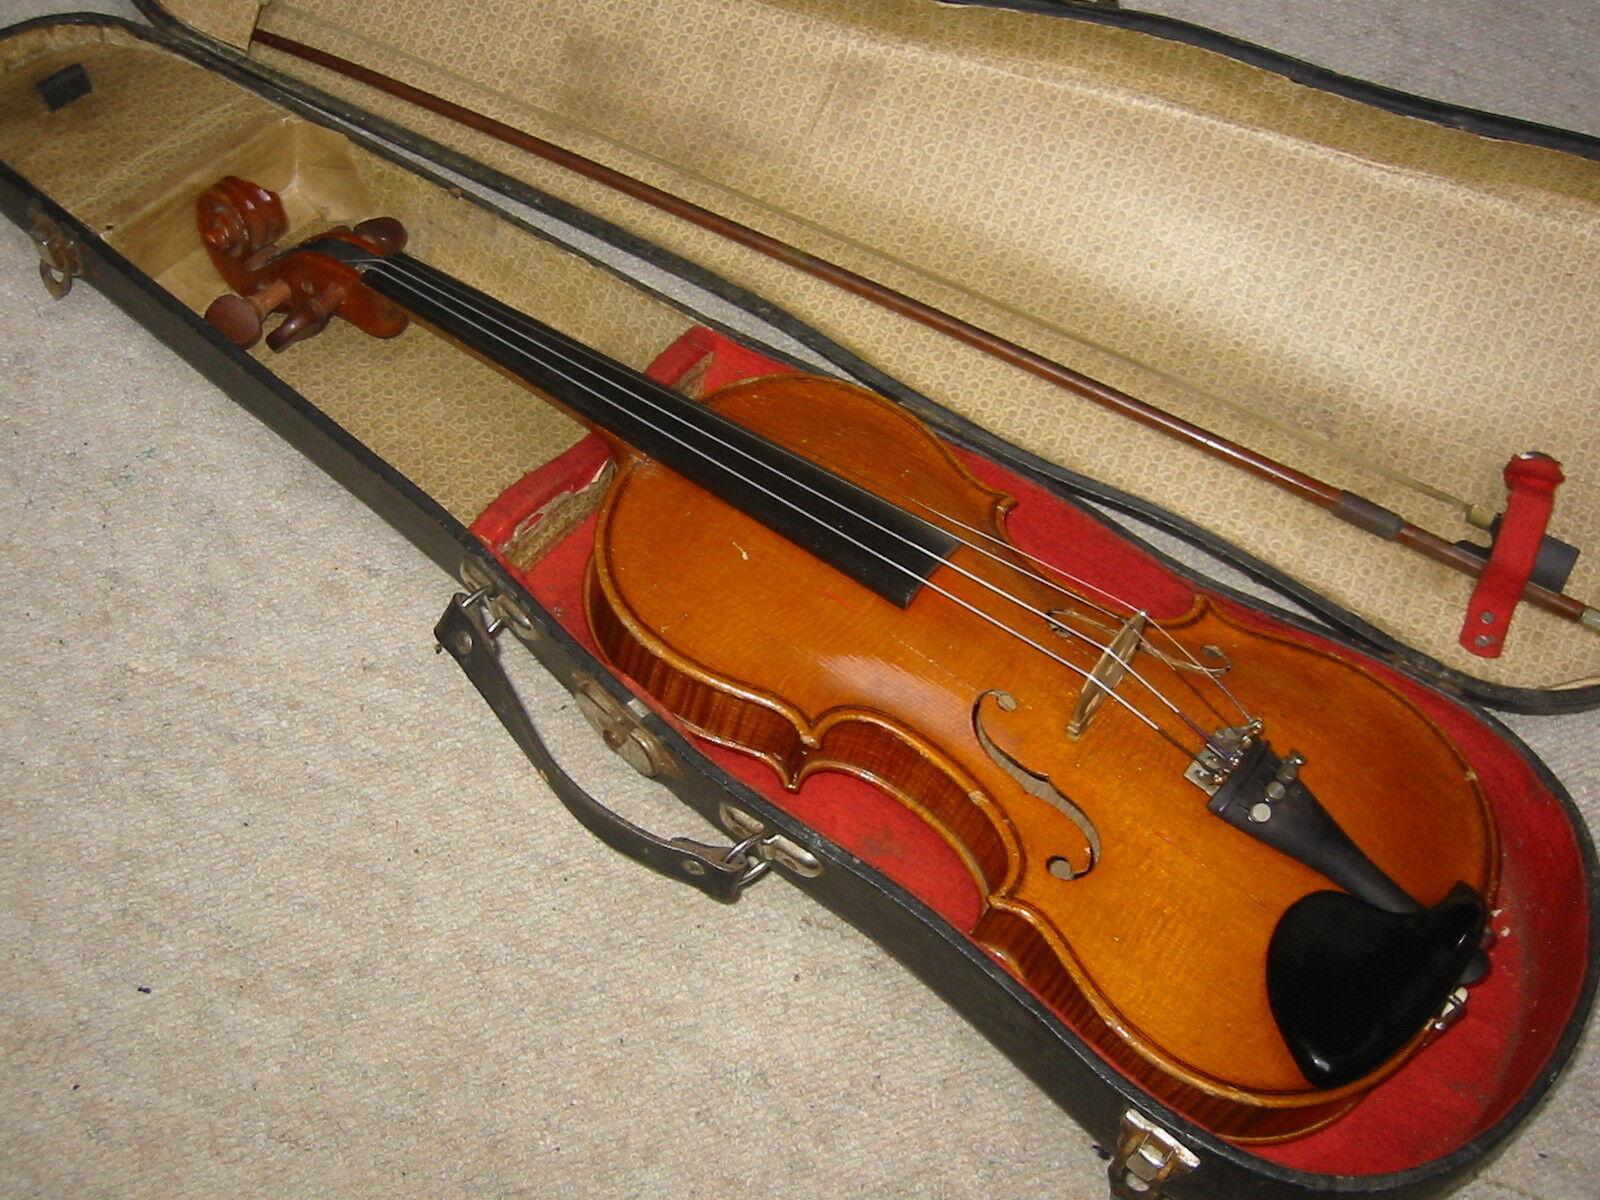 Buen & Old 3 4 violín violon violon violon  Stainer Marca   muy bien Flameado  0c5d66